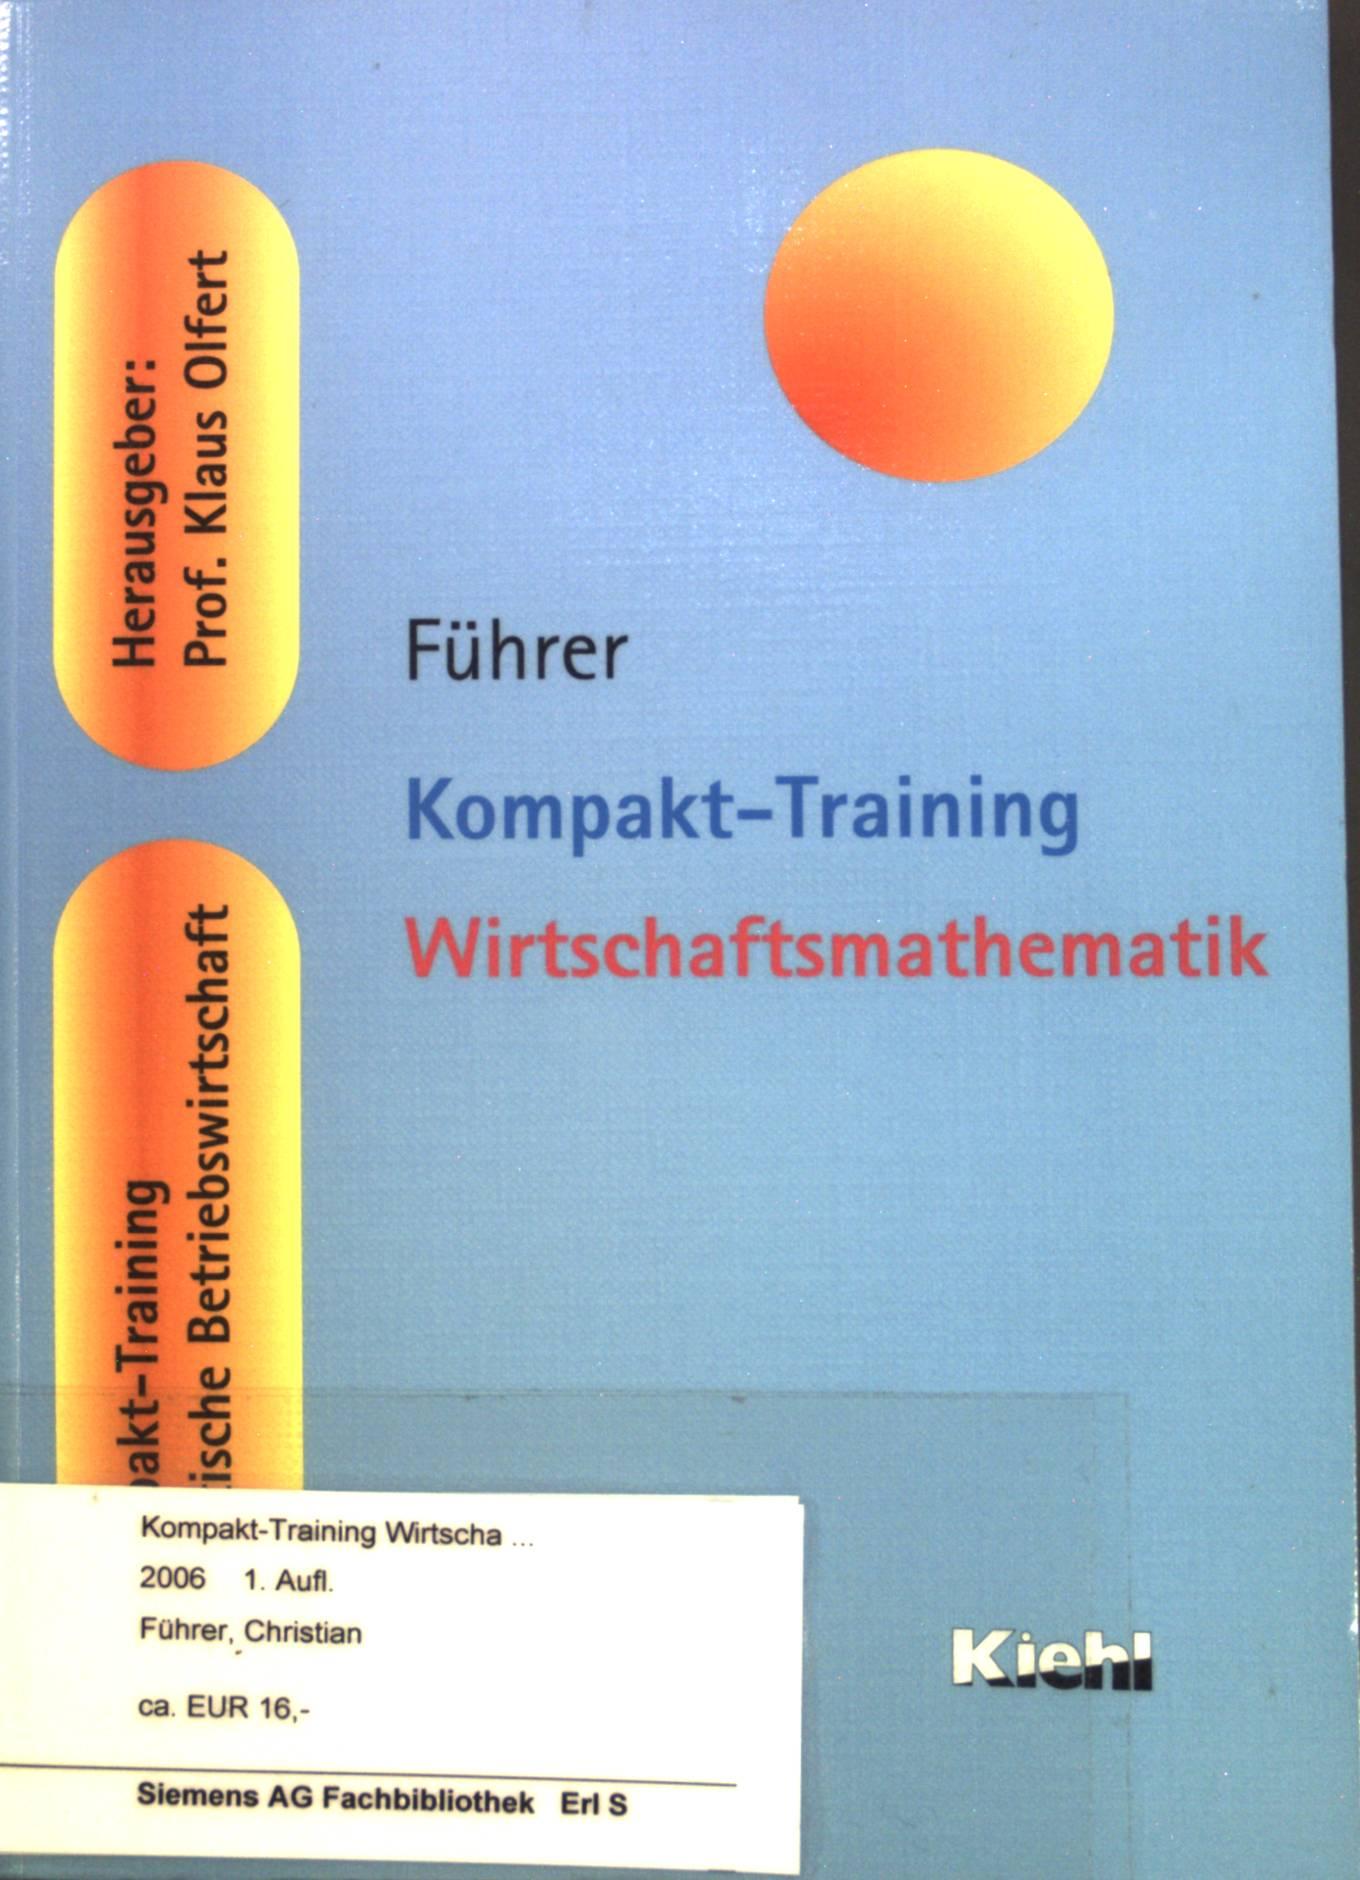 kompakttraining bilanzen kompakttraining praktische betriebswirtschaft